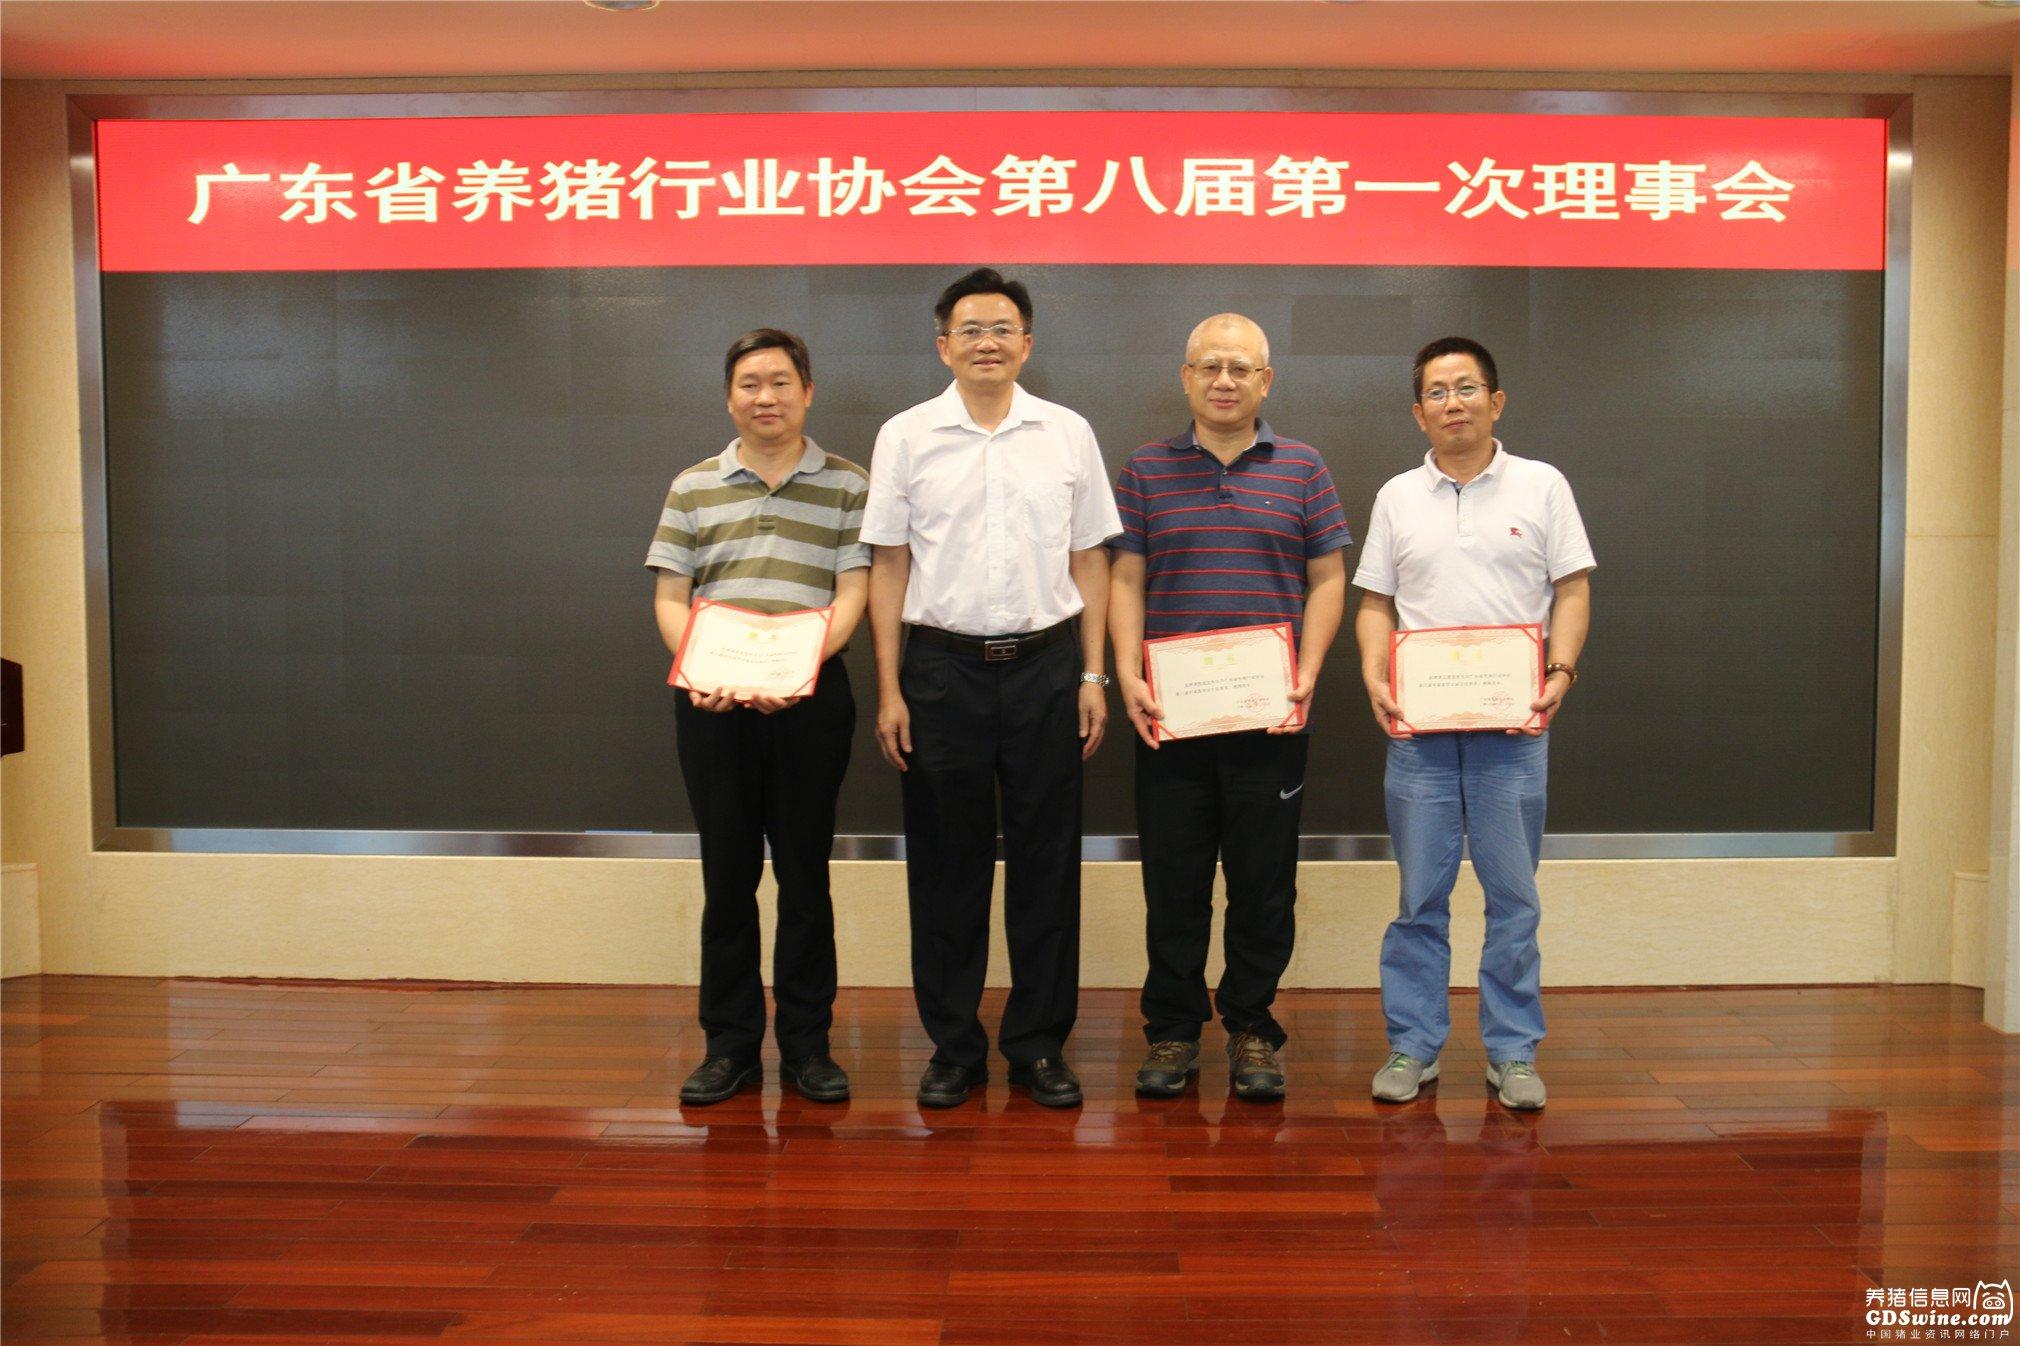 广东省农业农村厅党组成员、副厅长郑惠典为专家代表颁发聘书